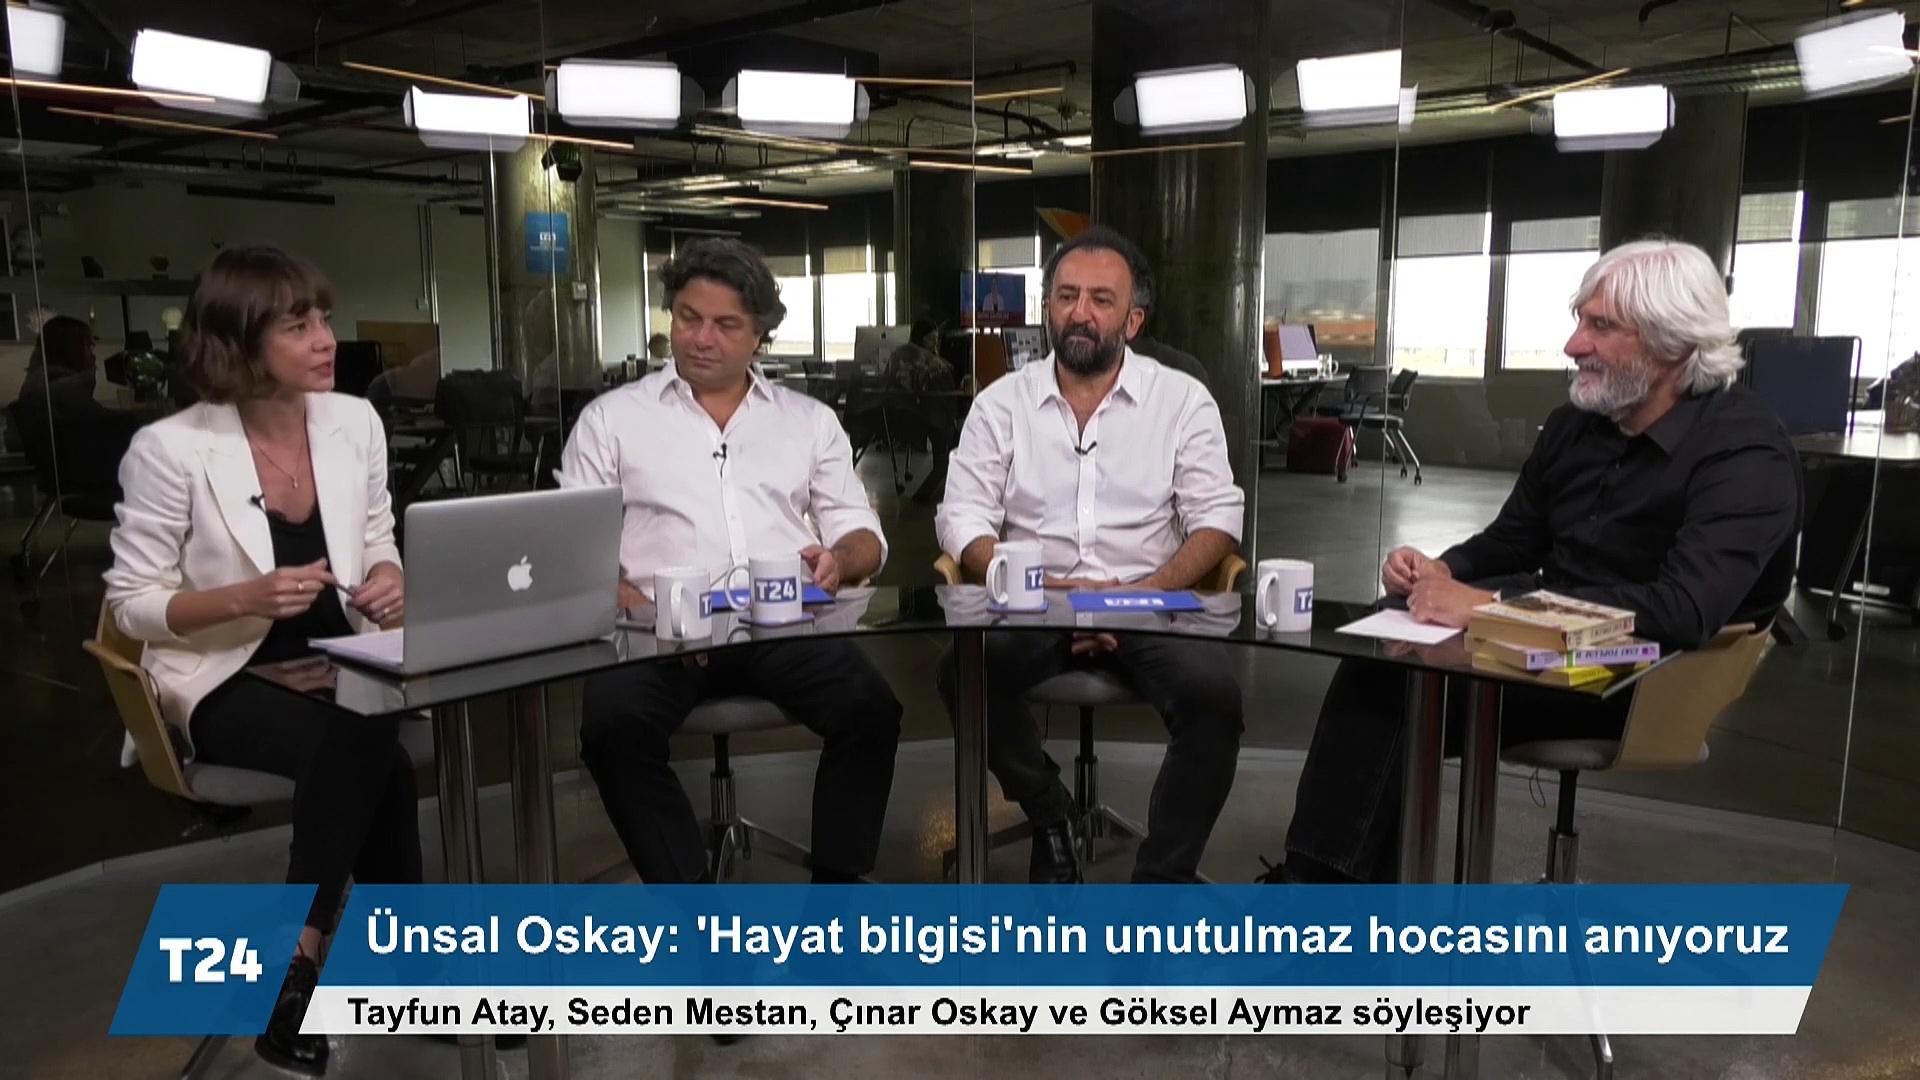 Ünsal Oskay: 'Hayat bilgisi'nin unutulmaz hocası